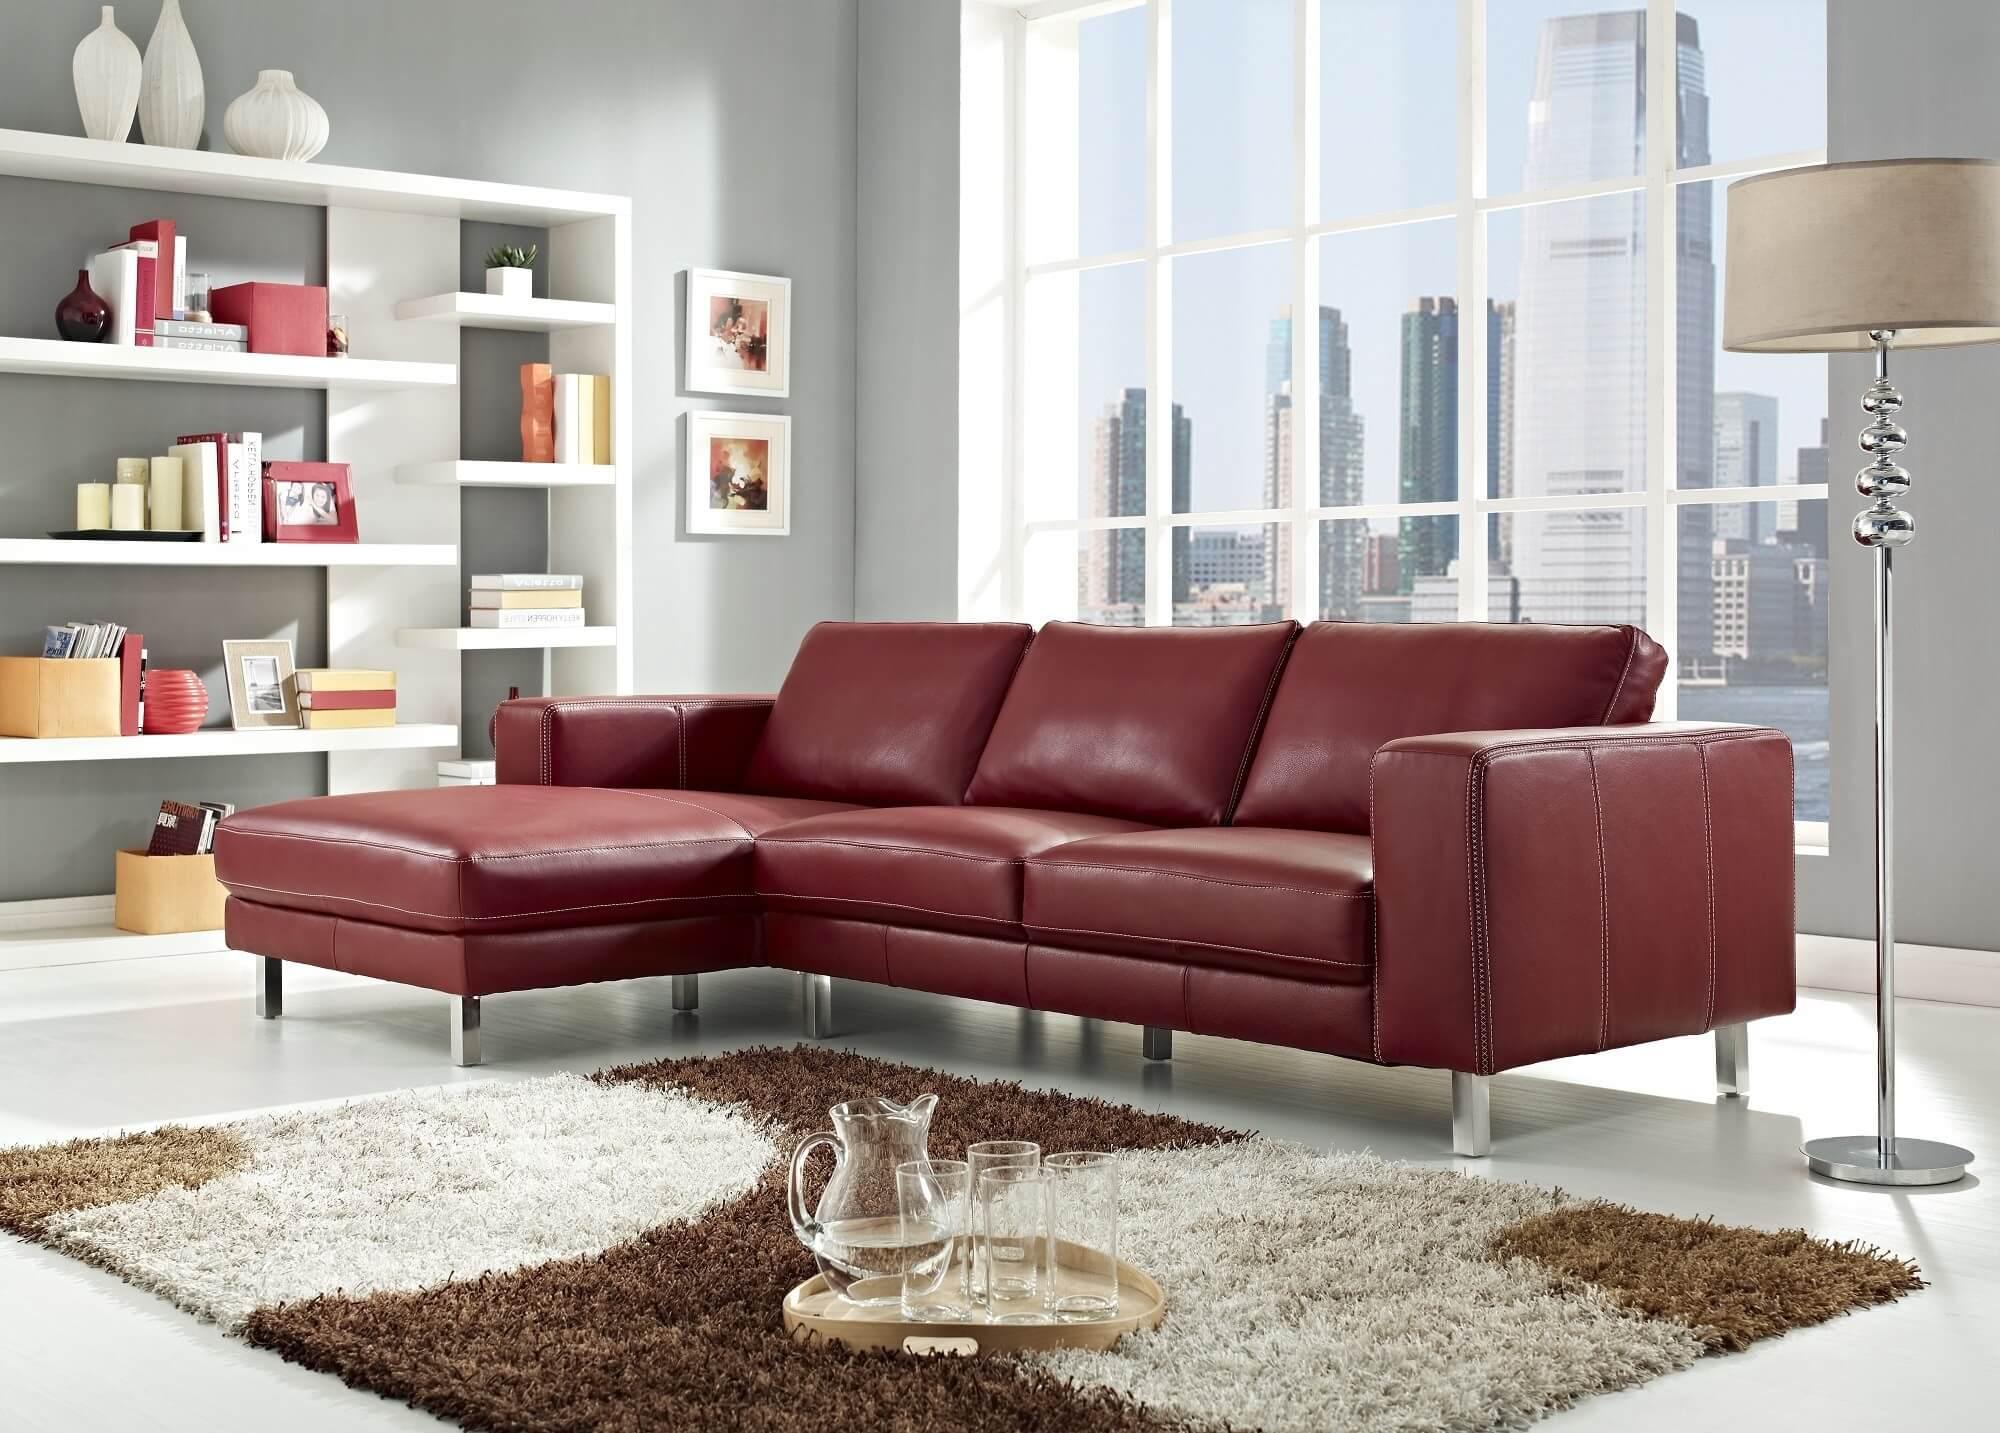 Fullsize Of Modern Leather Sofa